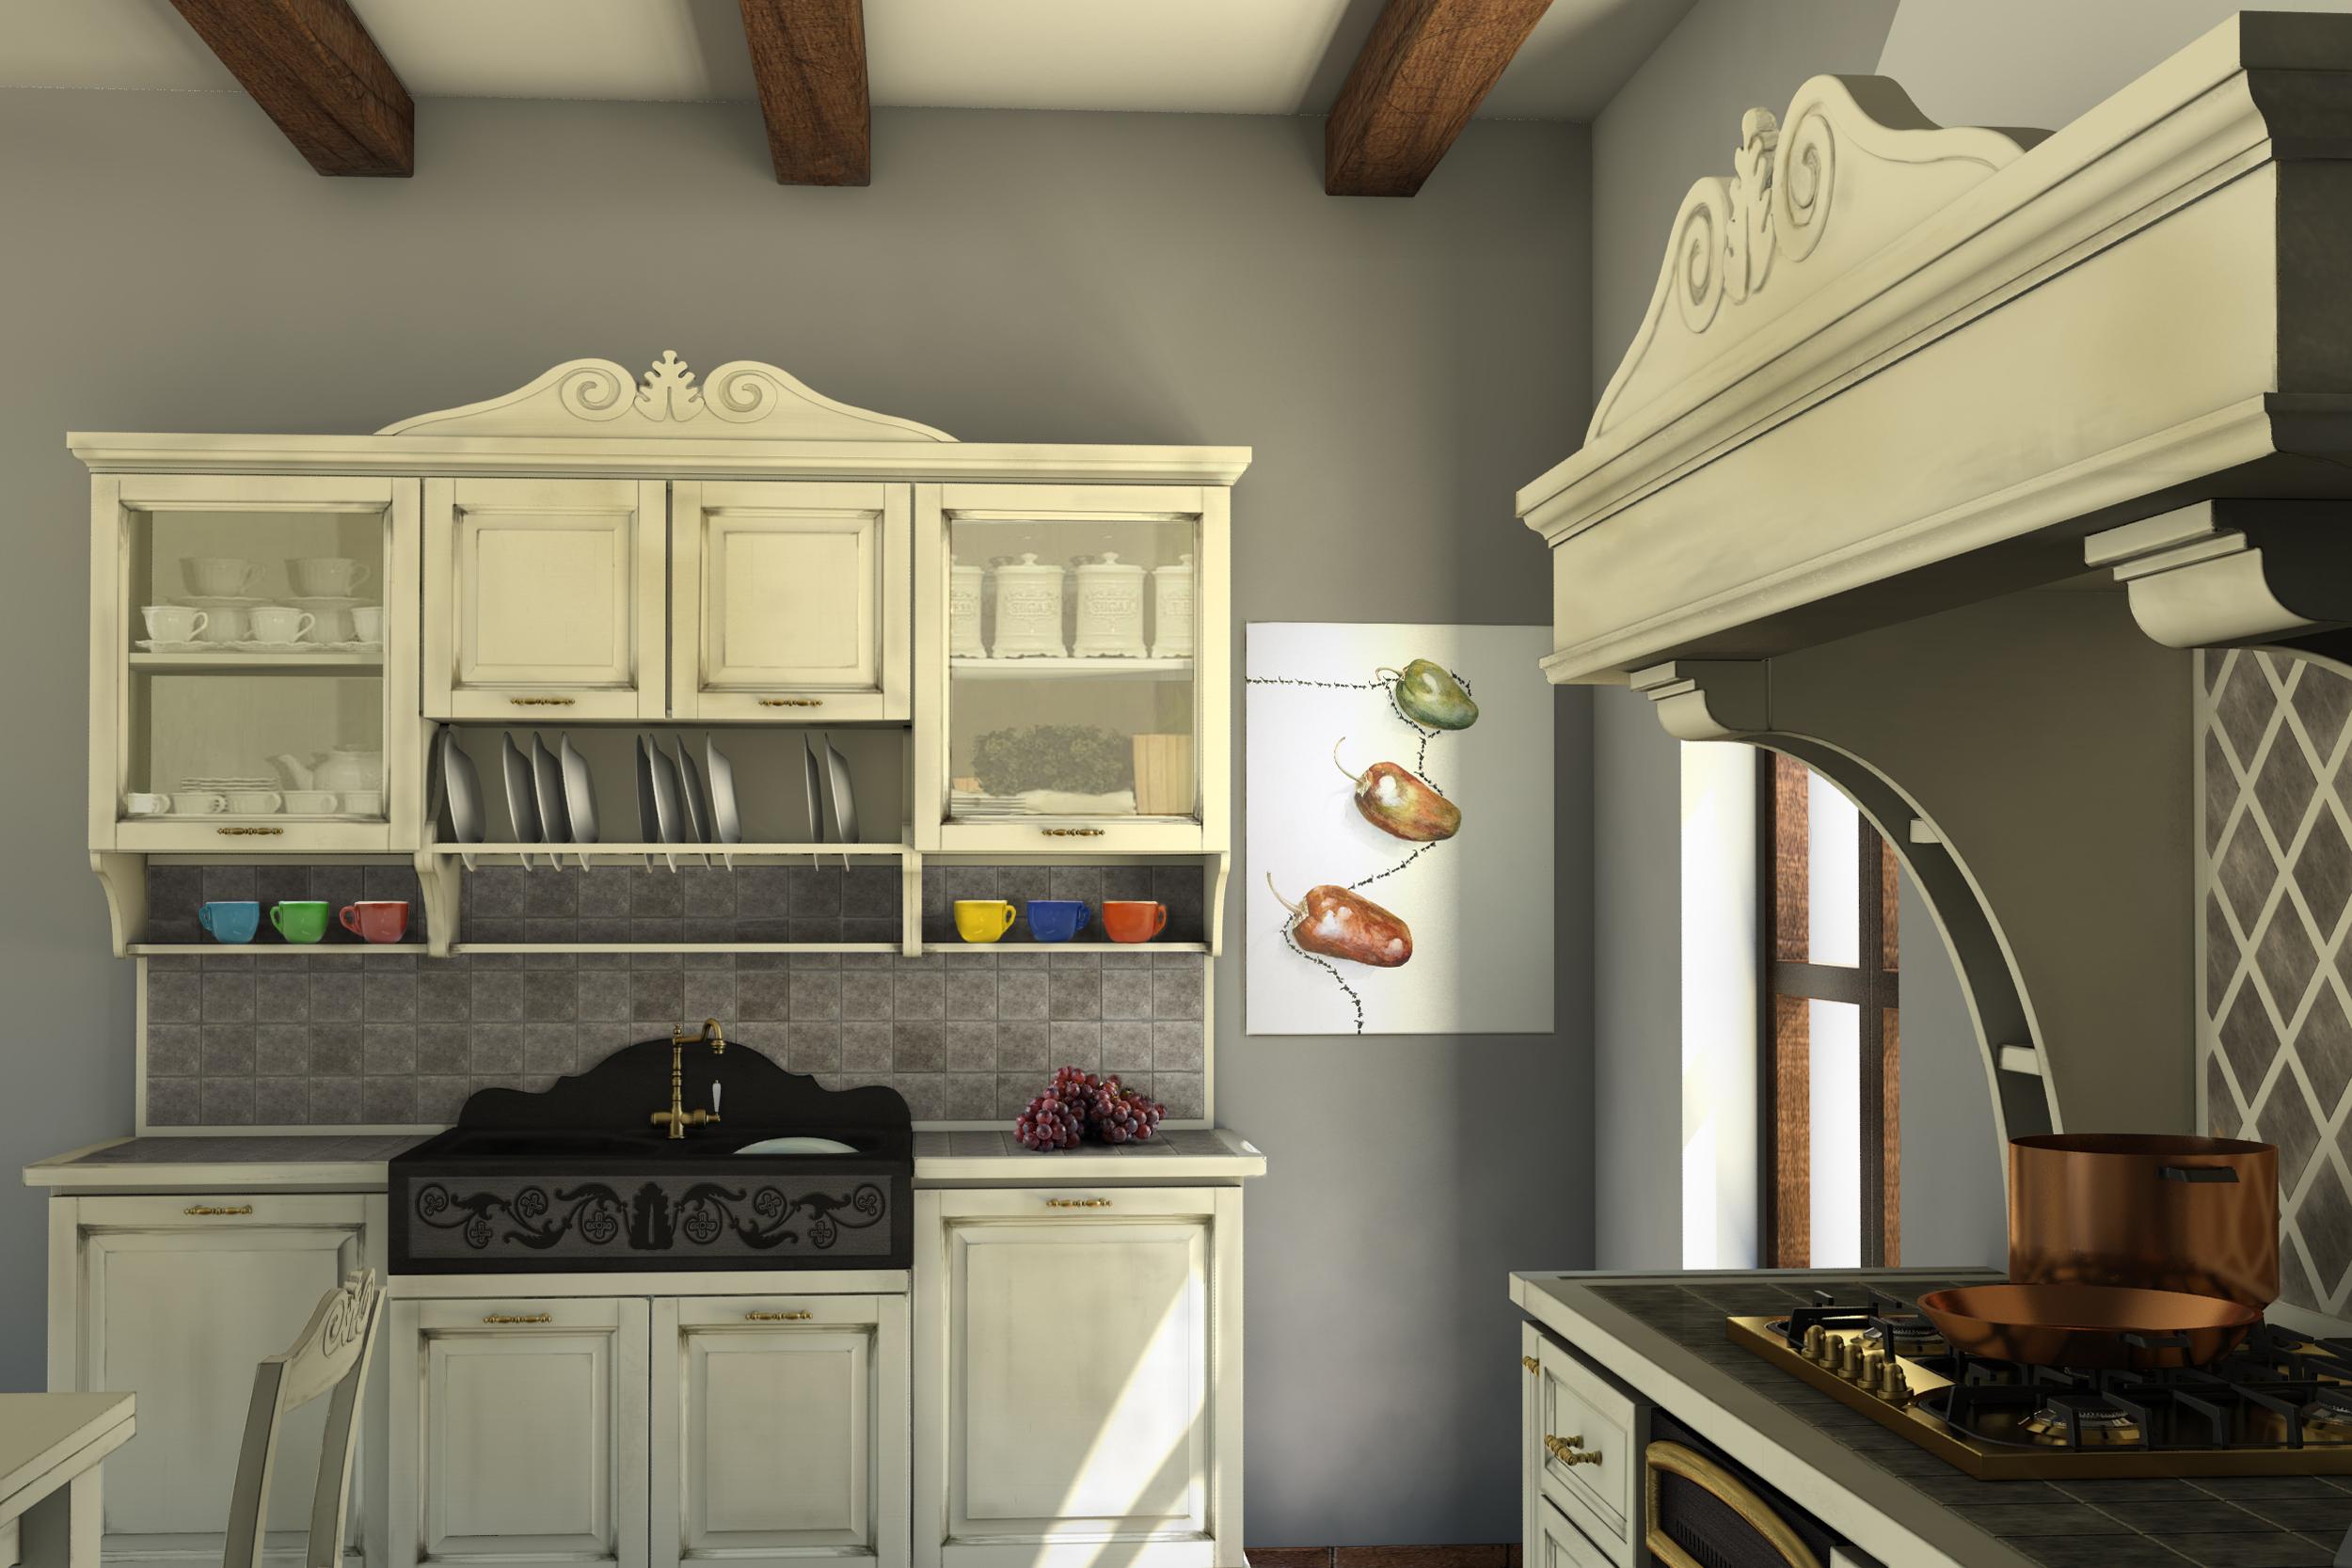 Cucine della Nonna - Cucina classica Shabby Chic – Cucina legno noce